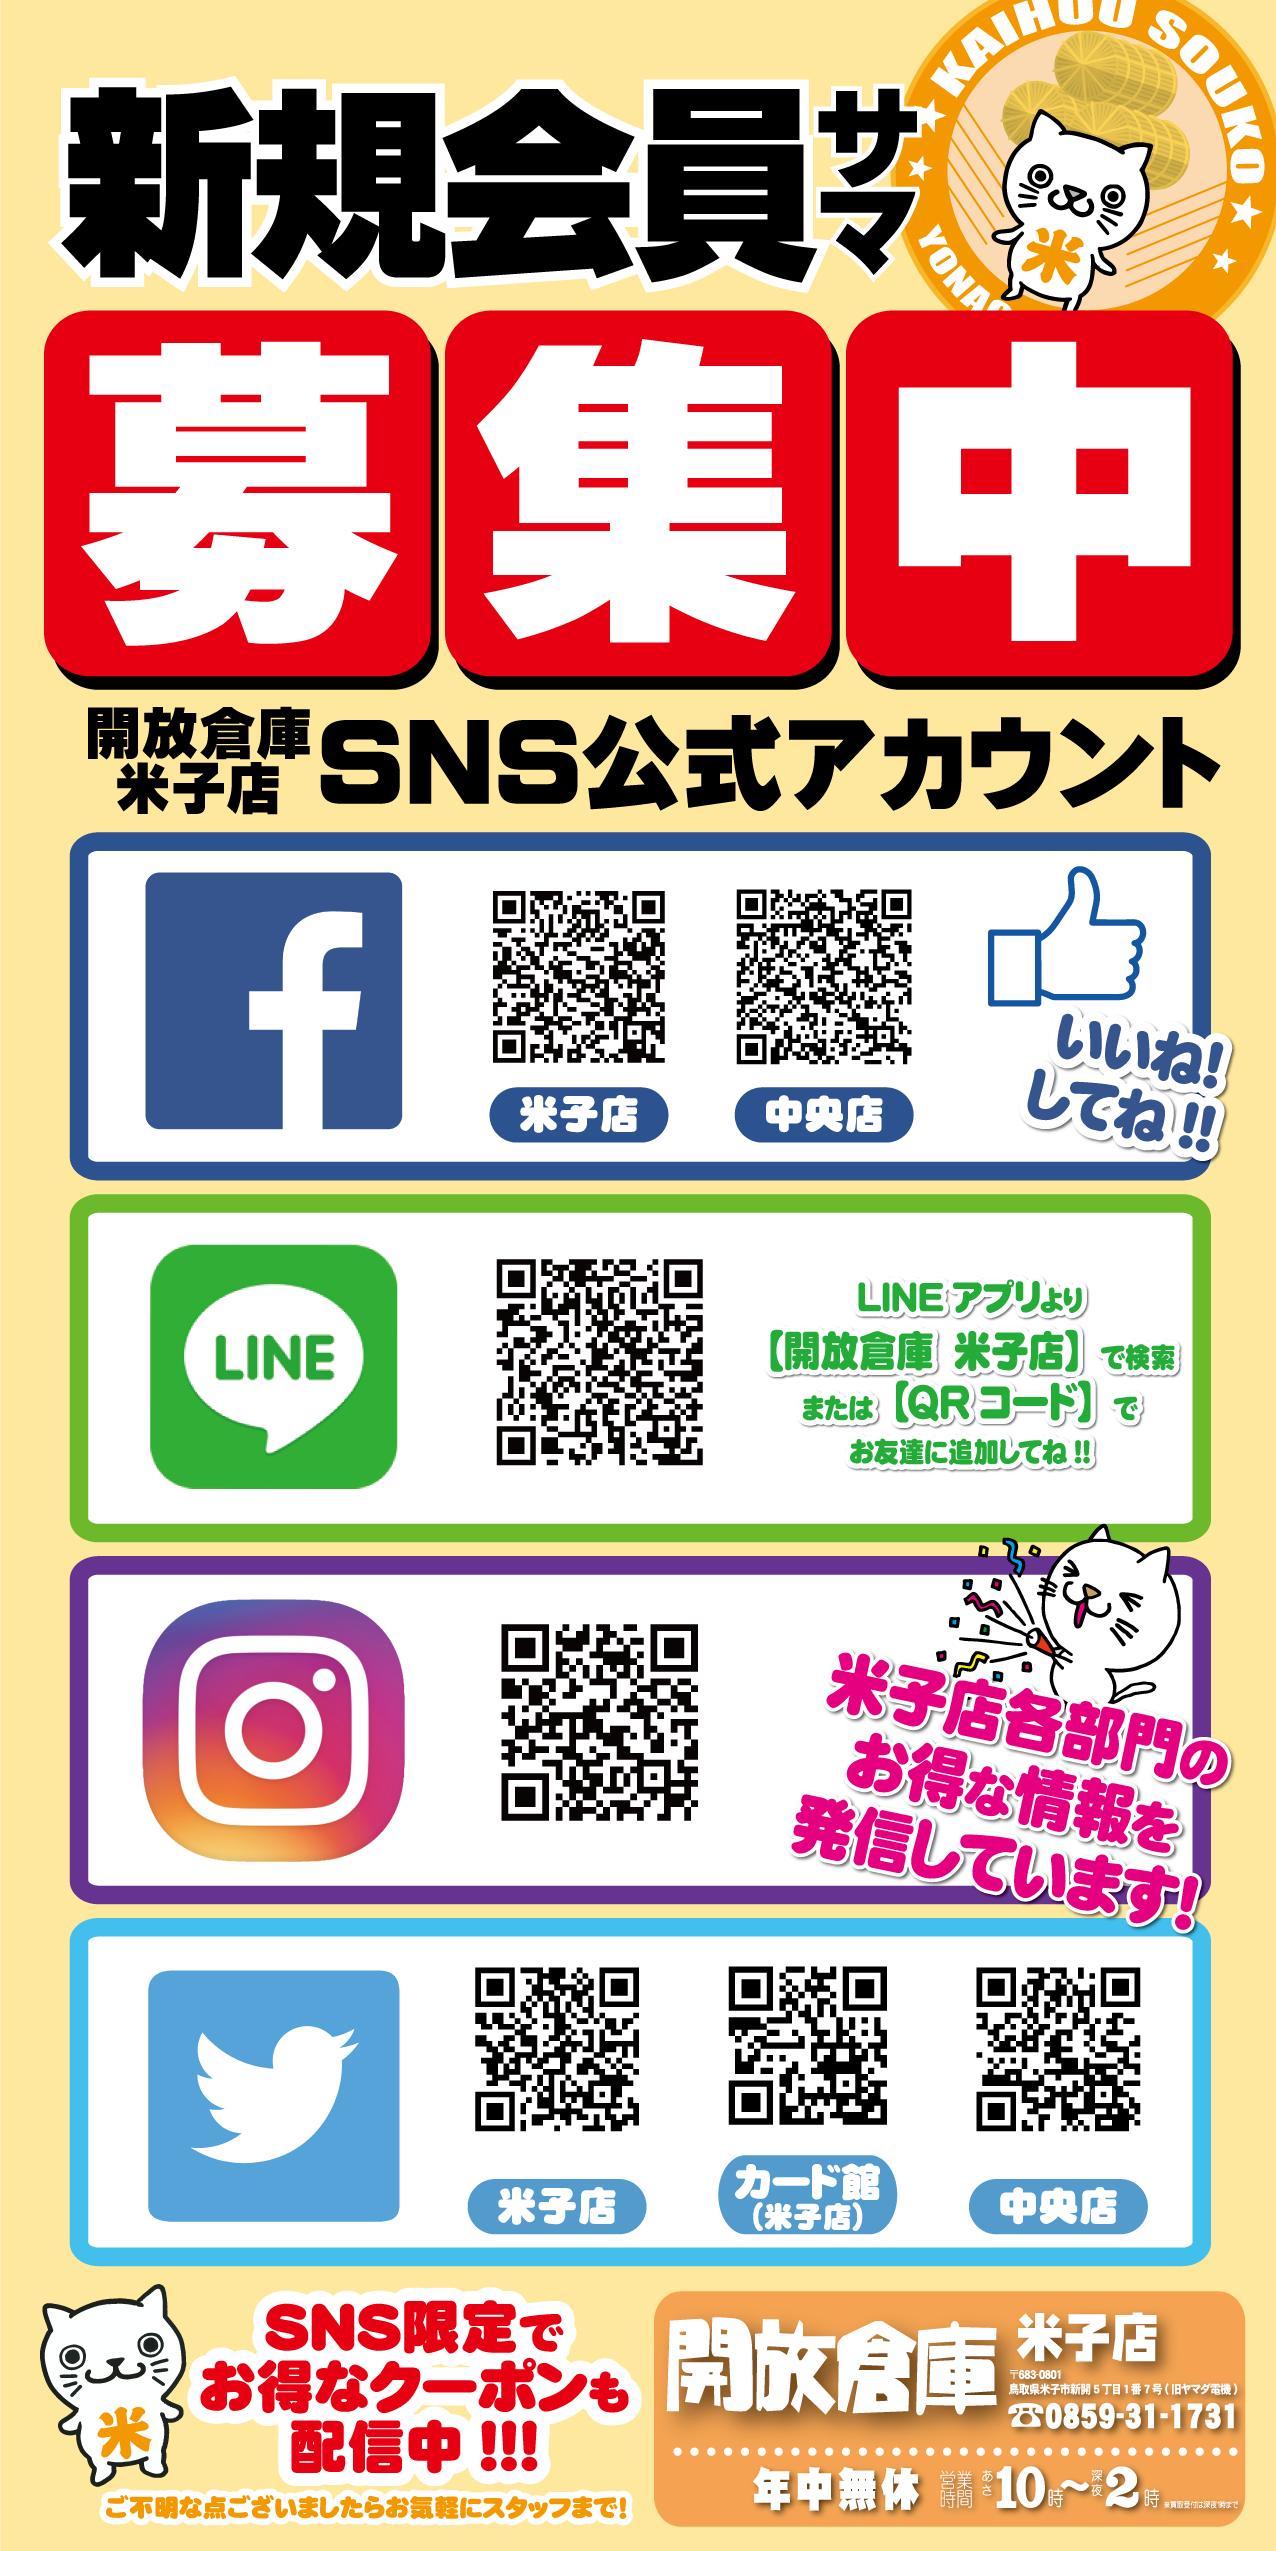 「開放倉庫米子店」各種SNSのQRコードをご紹介いあします!「いいね!やフォロー」などなどお待ちしております!